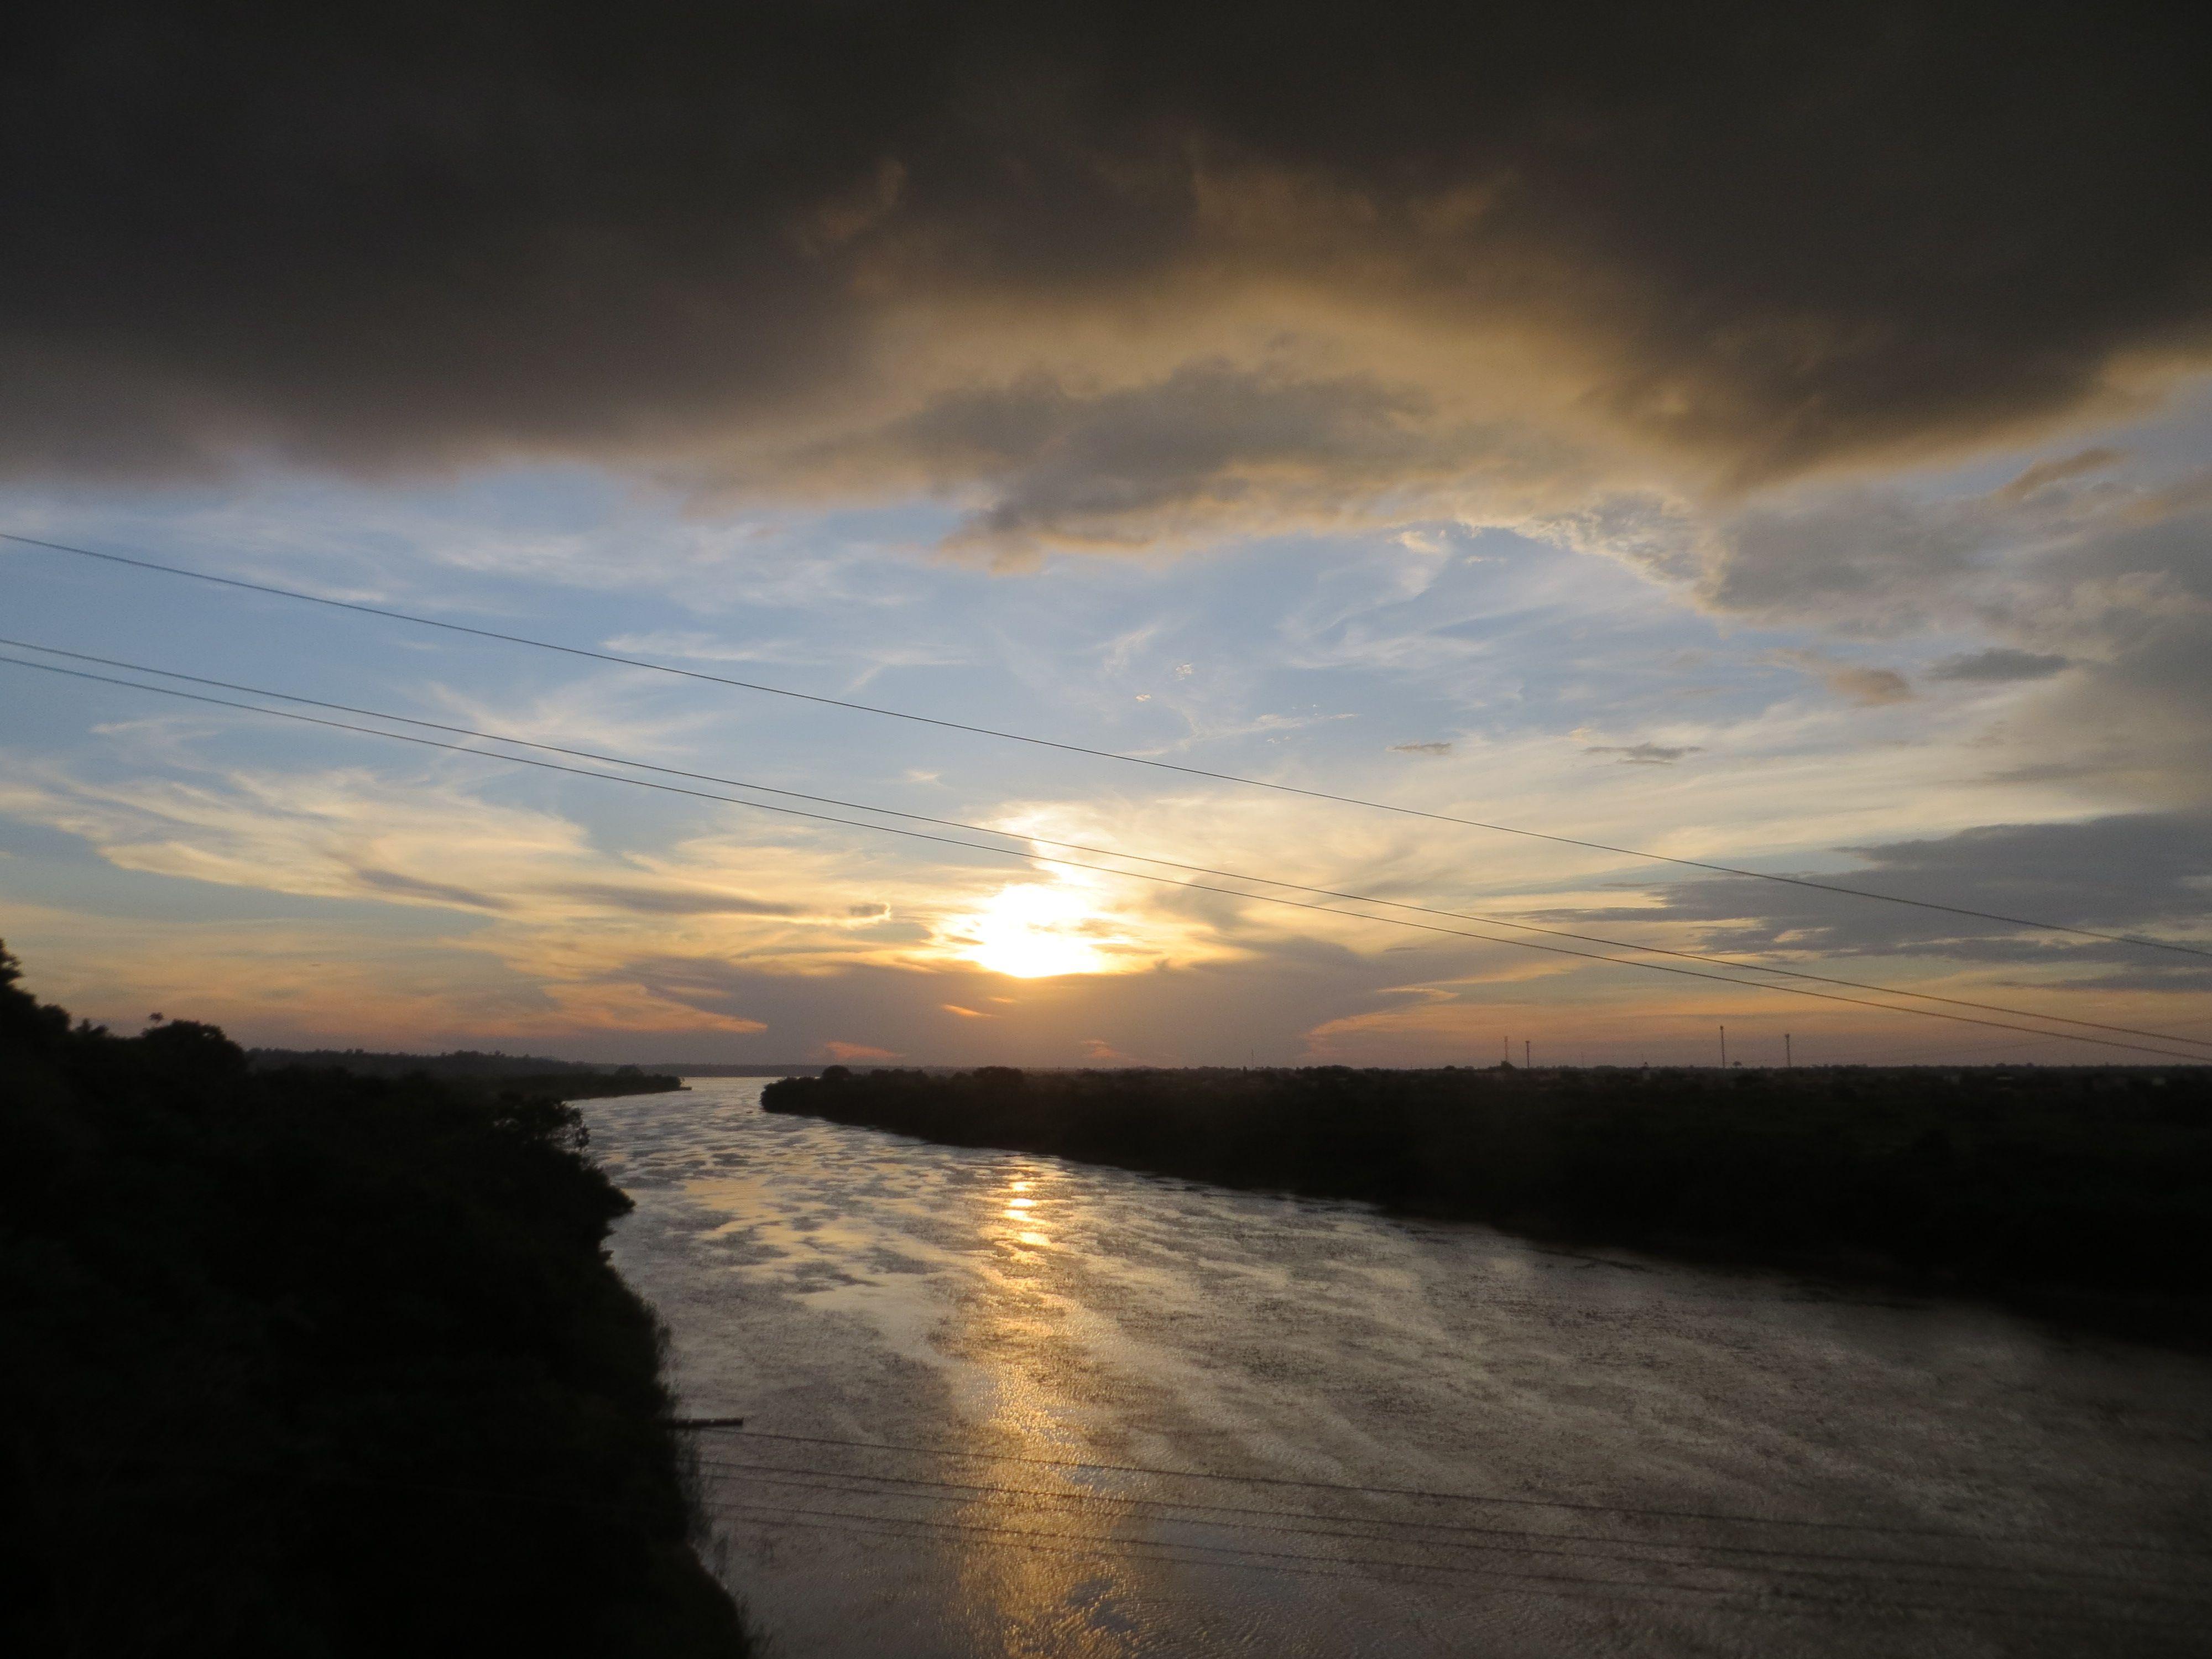 Rio Itacaiúnas, e ao fundo o Rio Tocantins, Marabá, Pará, Brasil 5 21 28 S 49 7 22 W